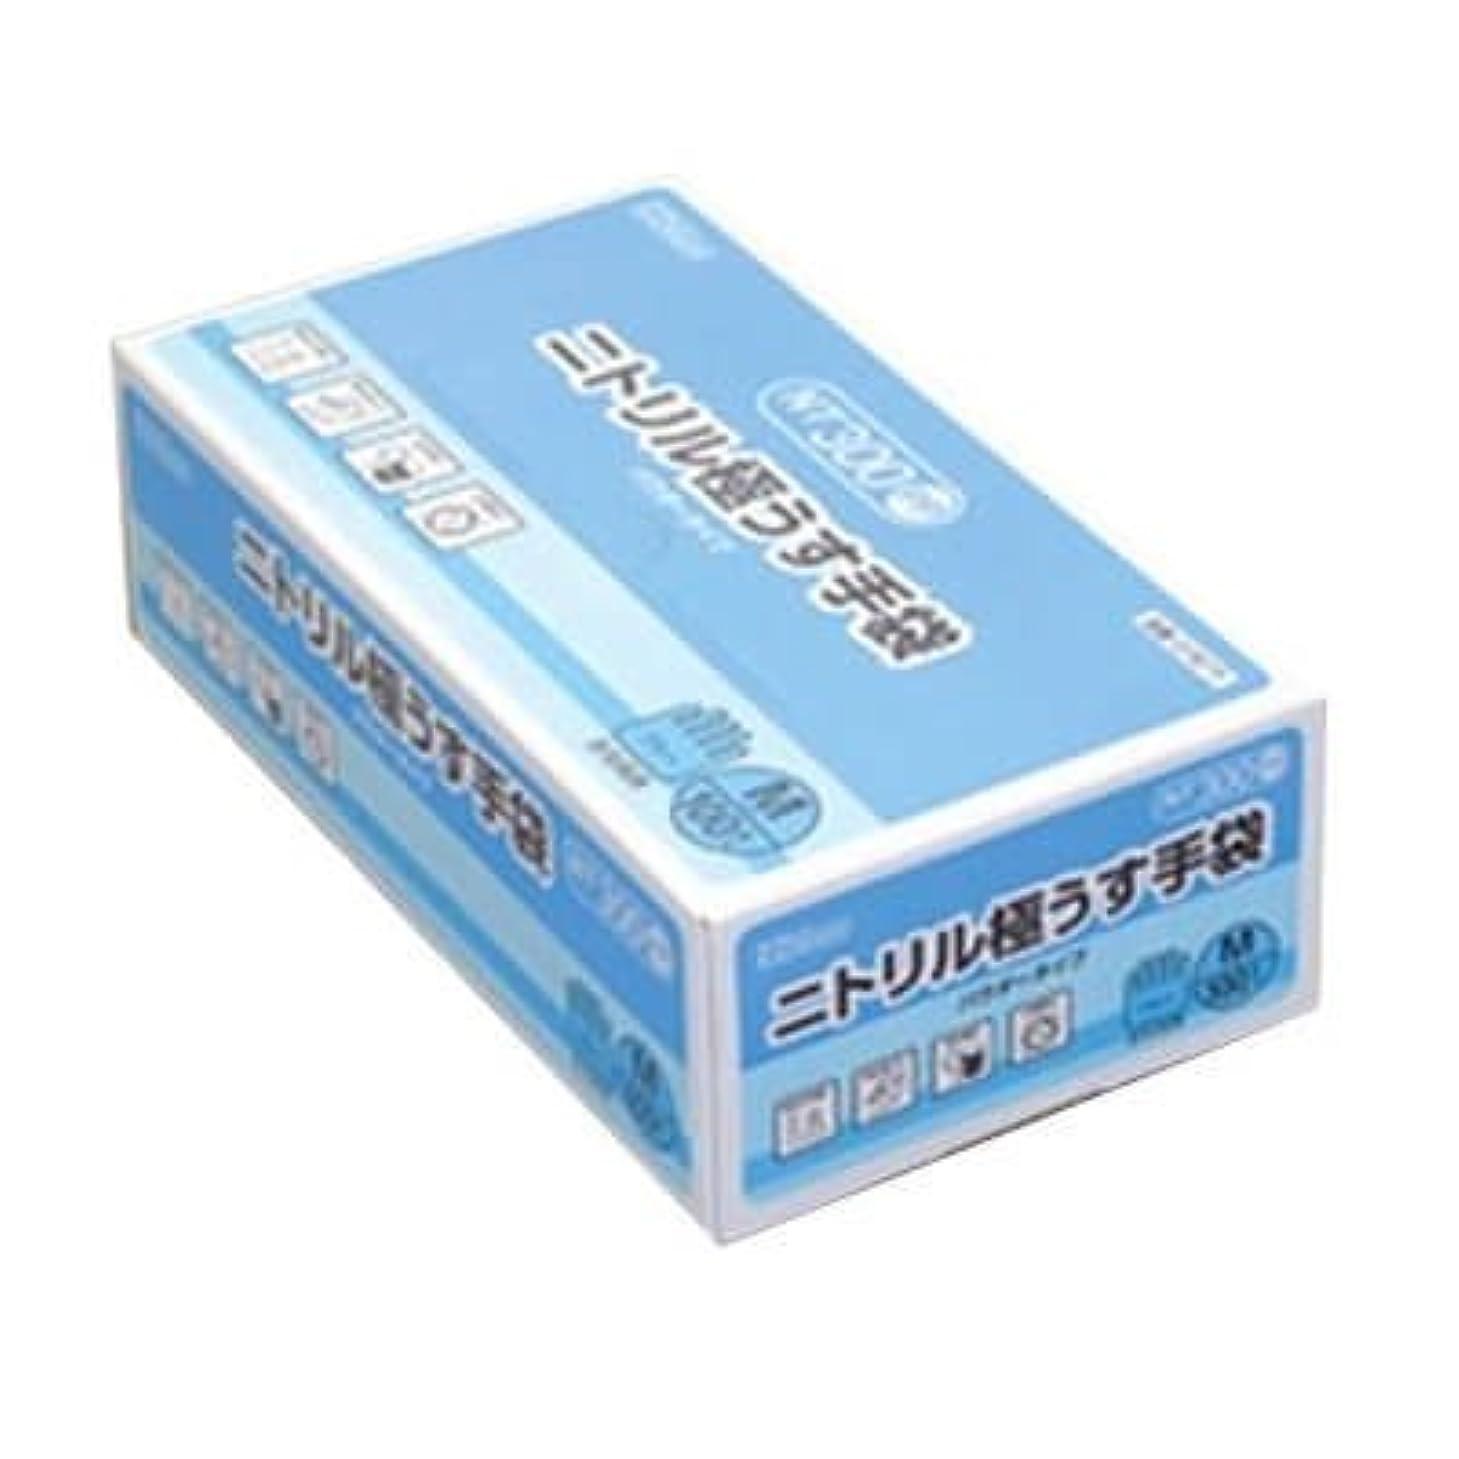 ブランク墓宿題【ケース販売】 ダンロップ ニトリル極うす手袋 粉付 M ブルー NT-300 (100枚入×20箱)